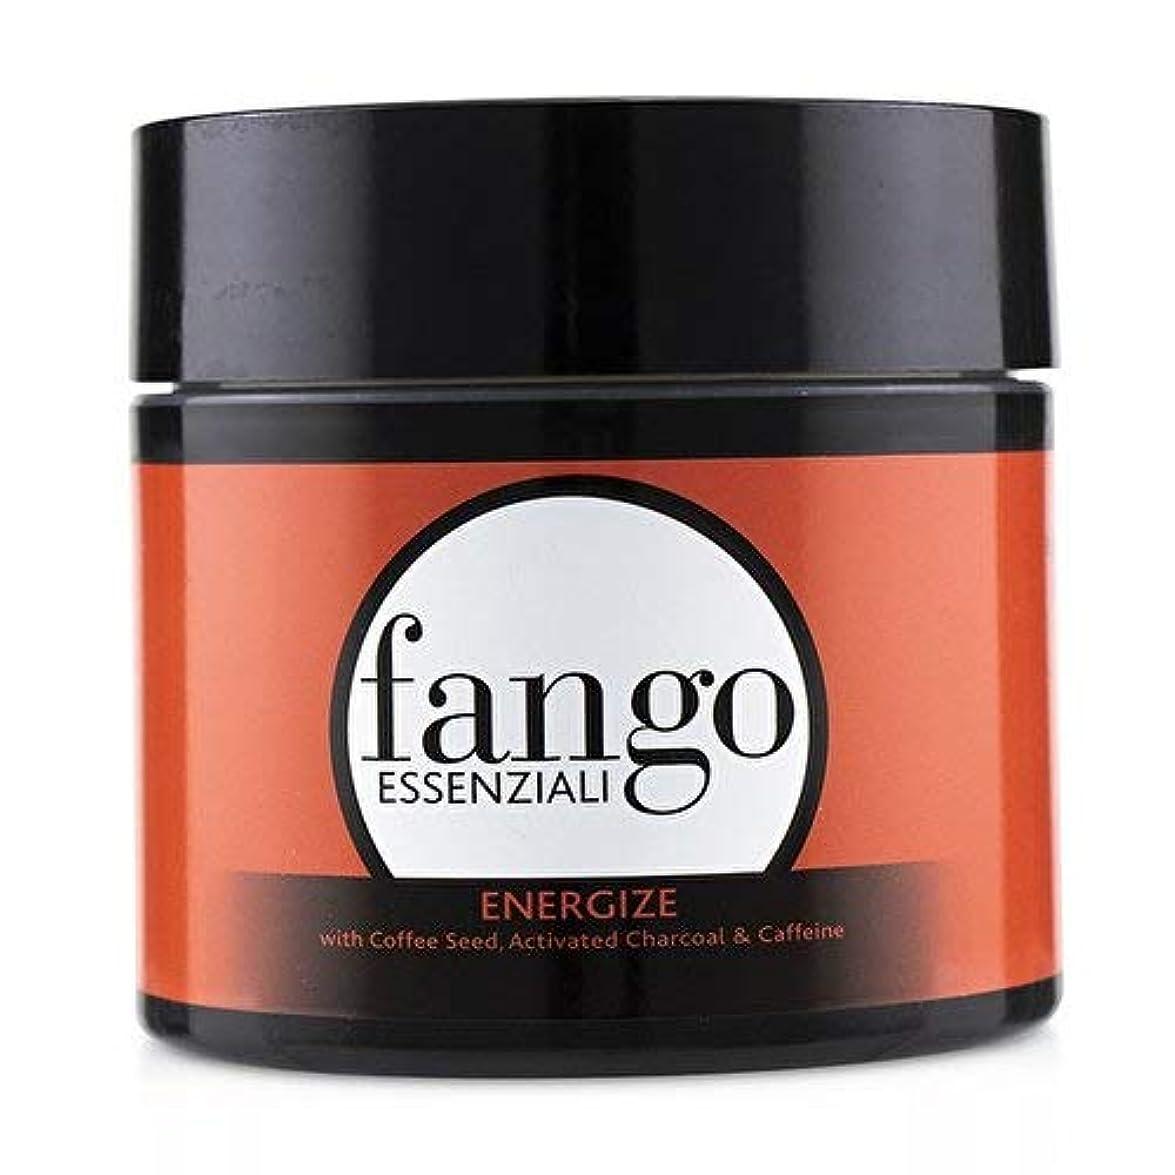 悪い充実優勢ボルゲーゼ Fango Essenziali Energize Mud Mask with Coffee Seed, Activated Charcoal & Caffeine 198g/7oz並行輸入品